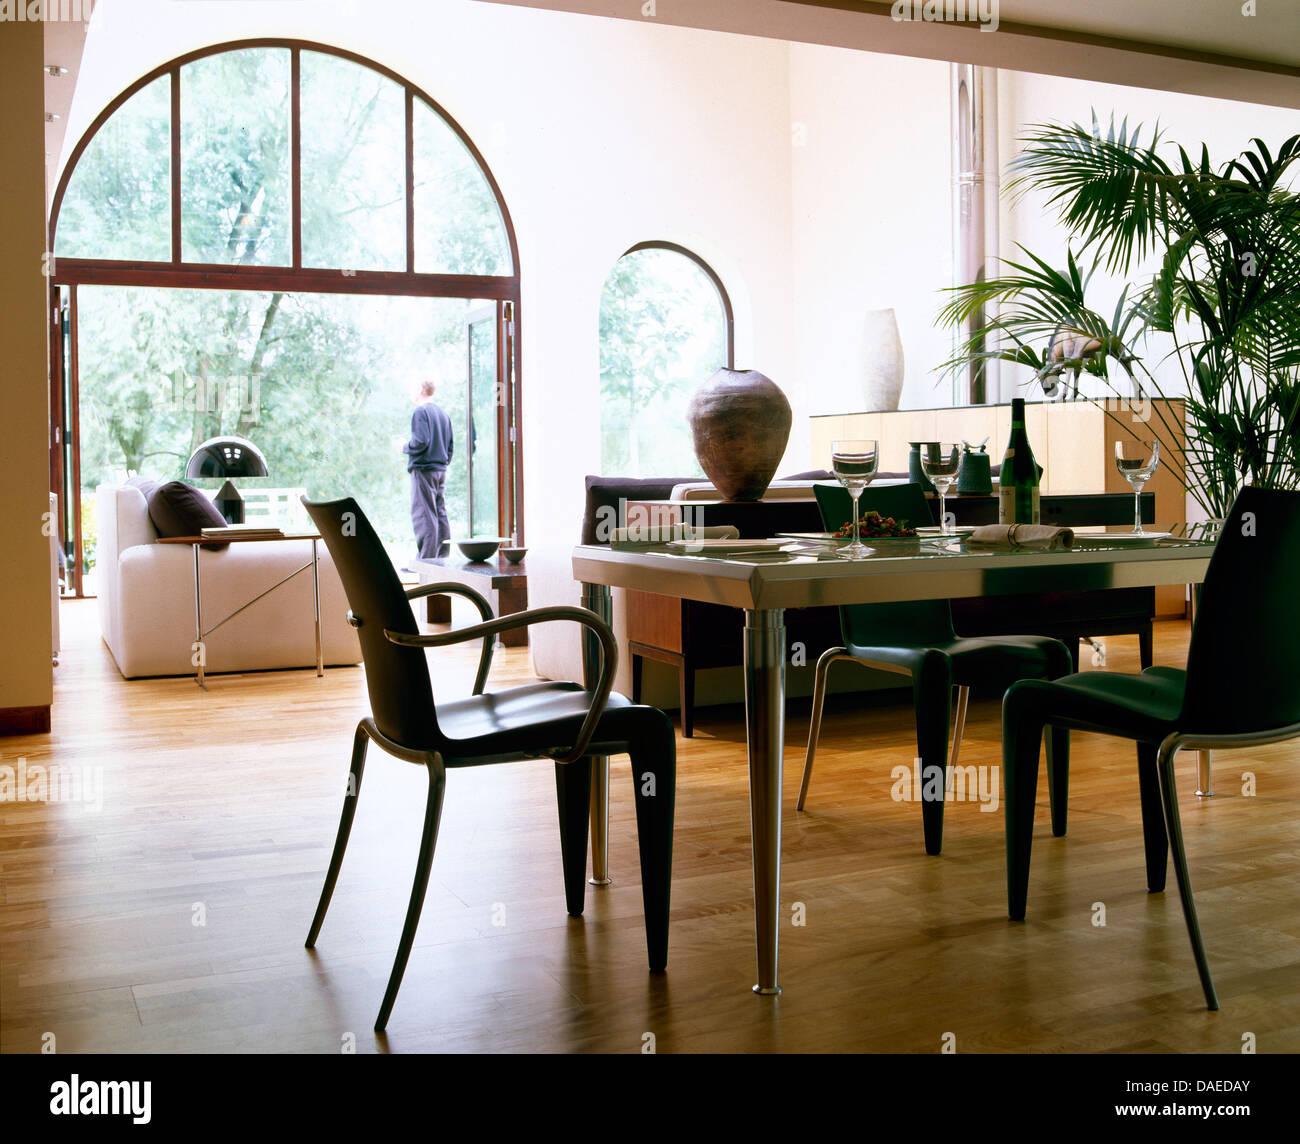 Schwarzen Stühlen an gekrönt Glas Metall Tisch in große offene Küche ...